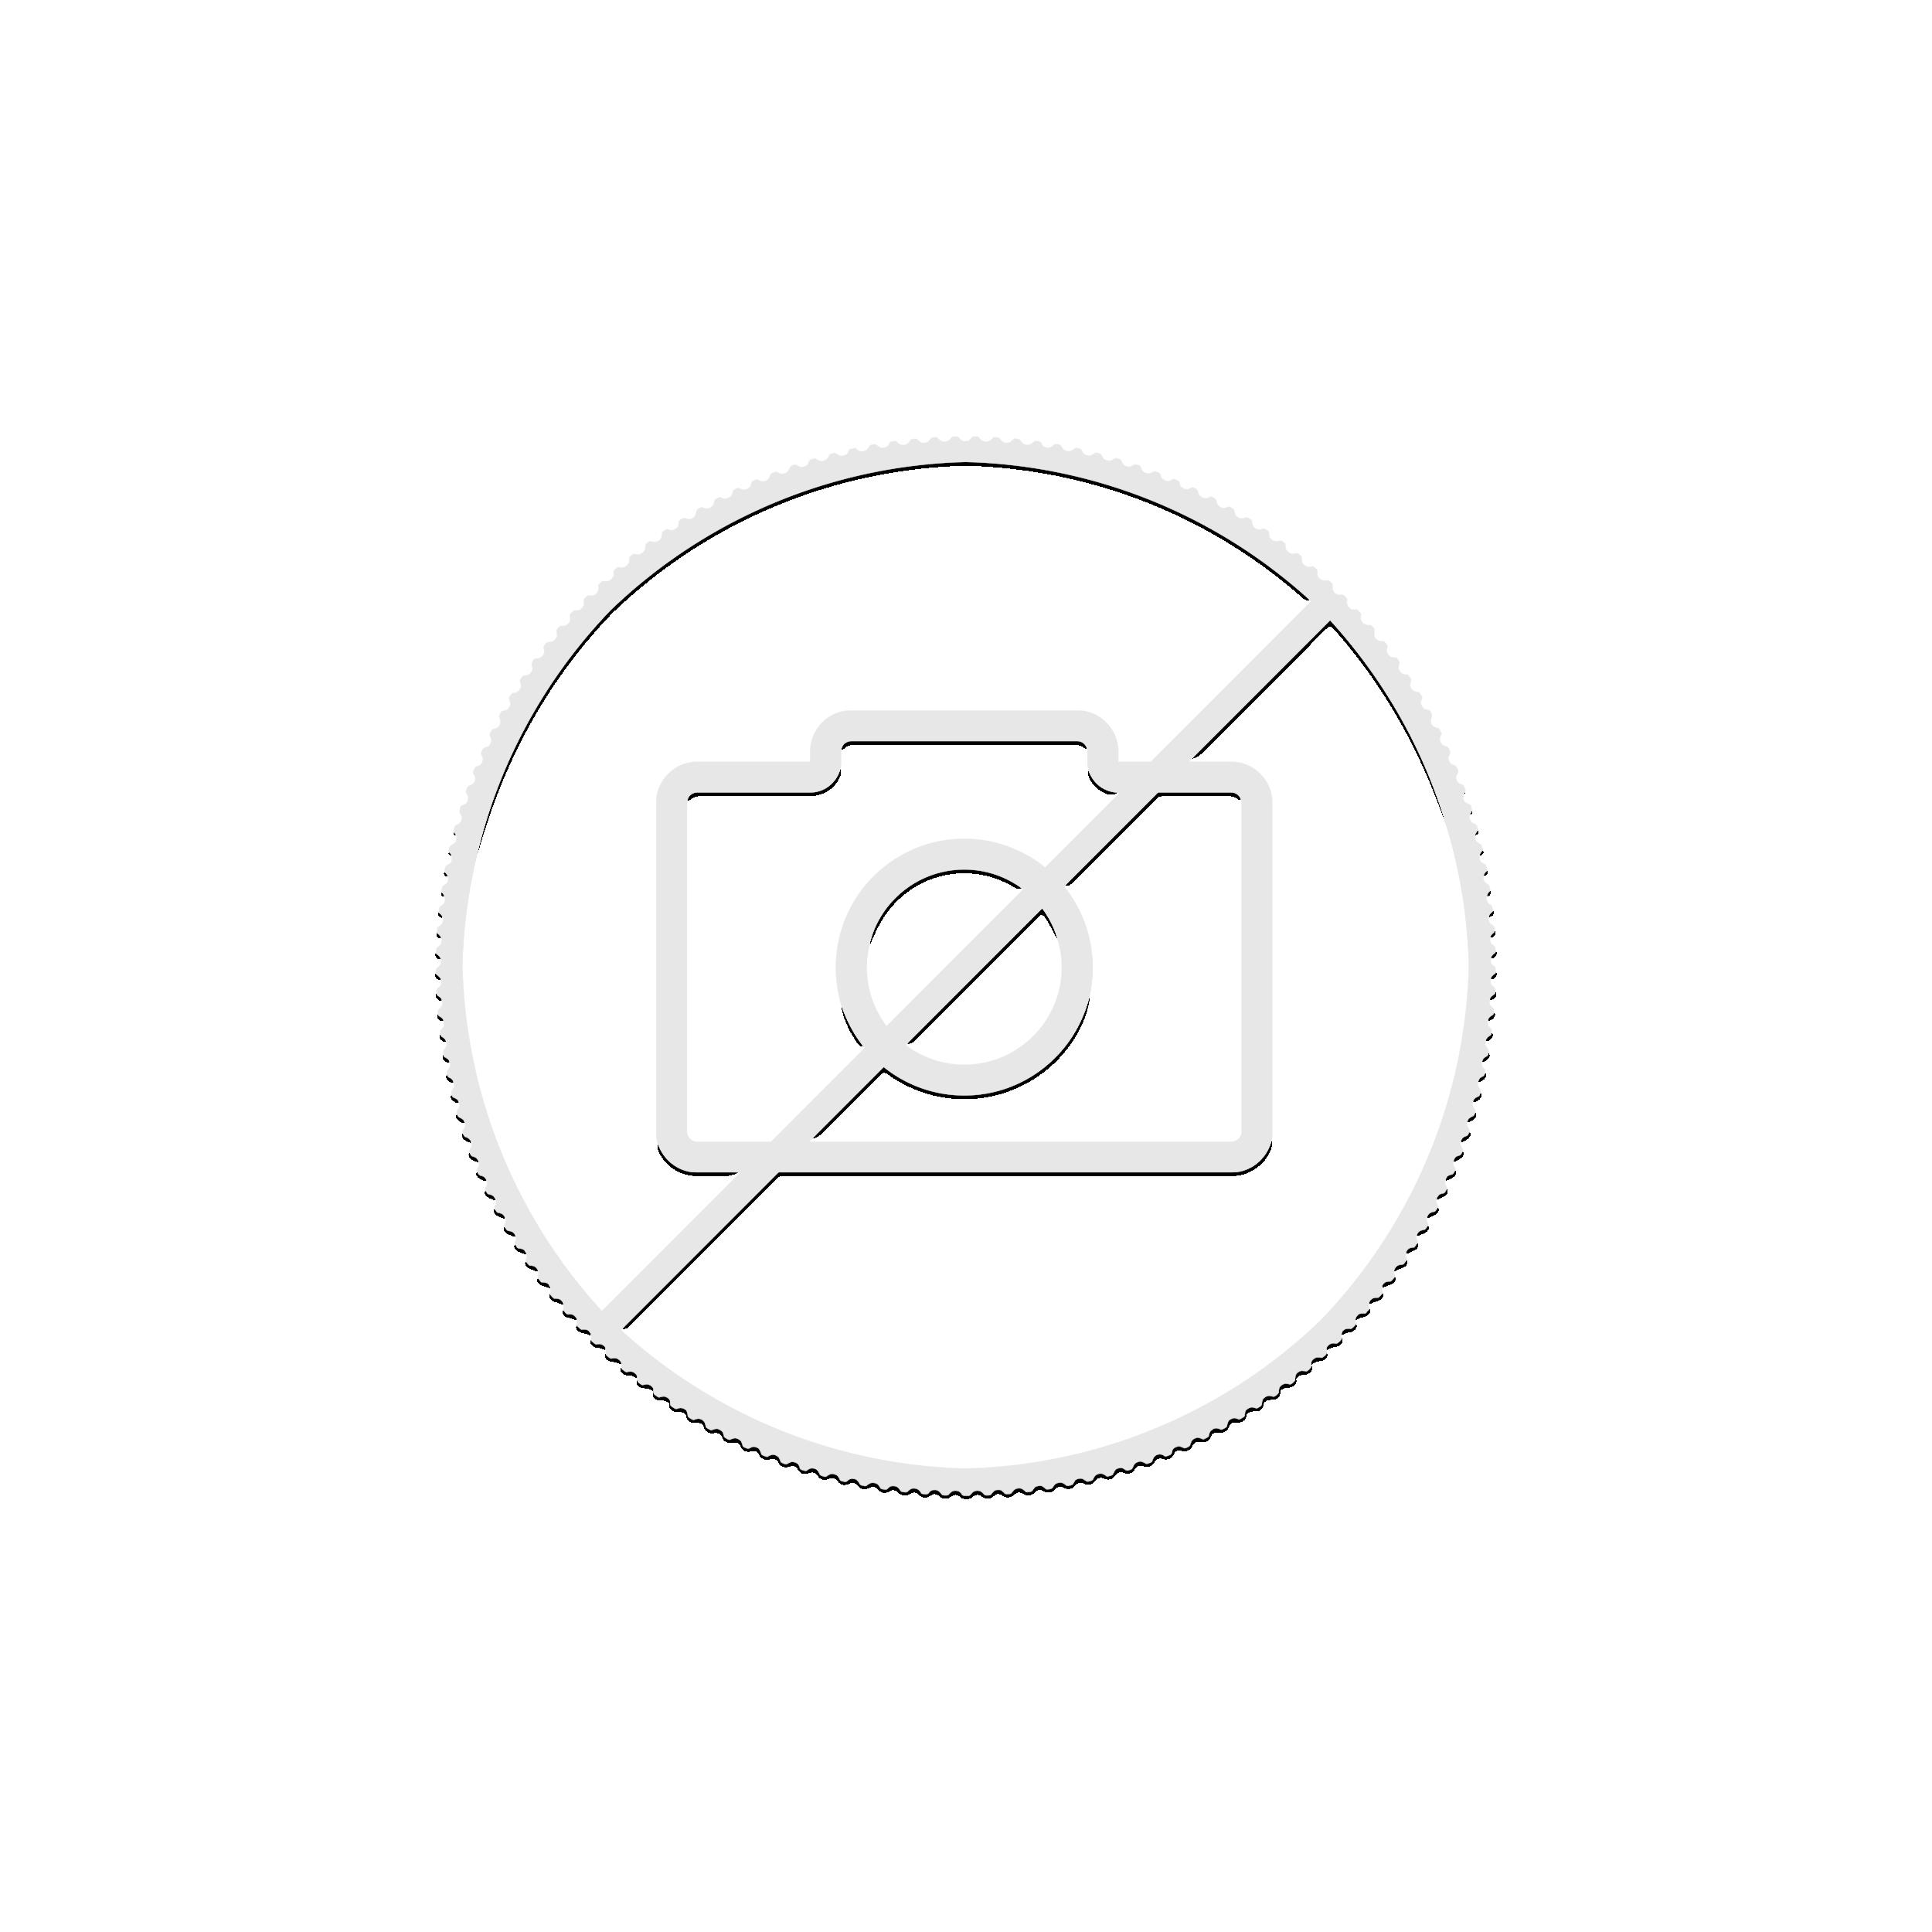 10 troy ounce silver coin Kookaburra 2009